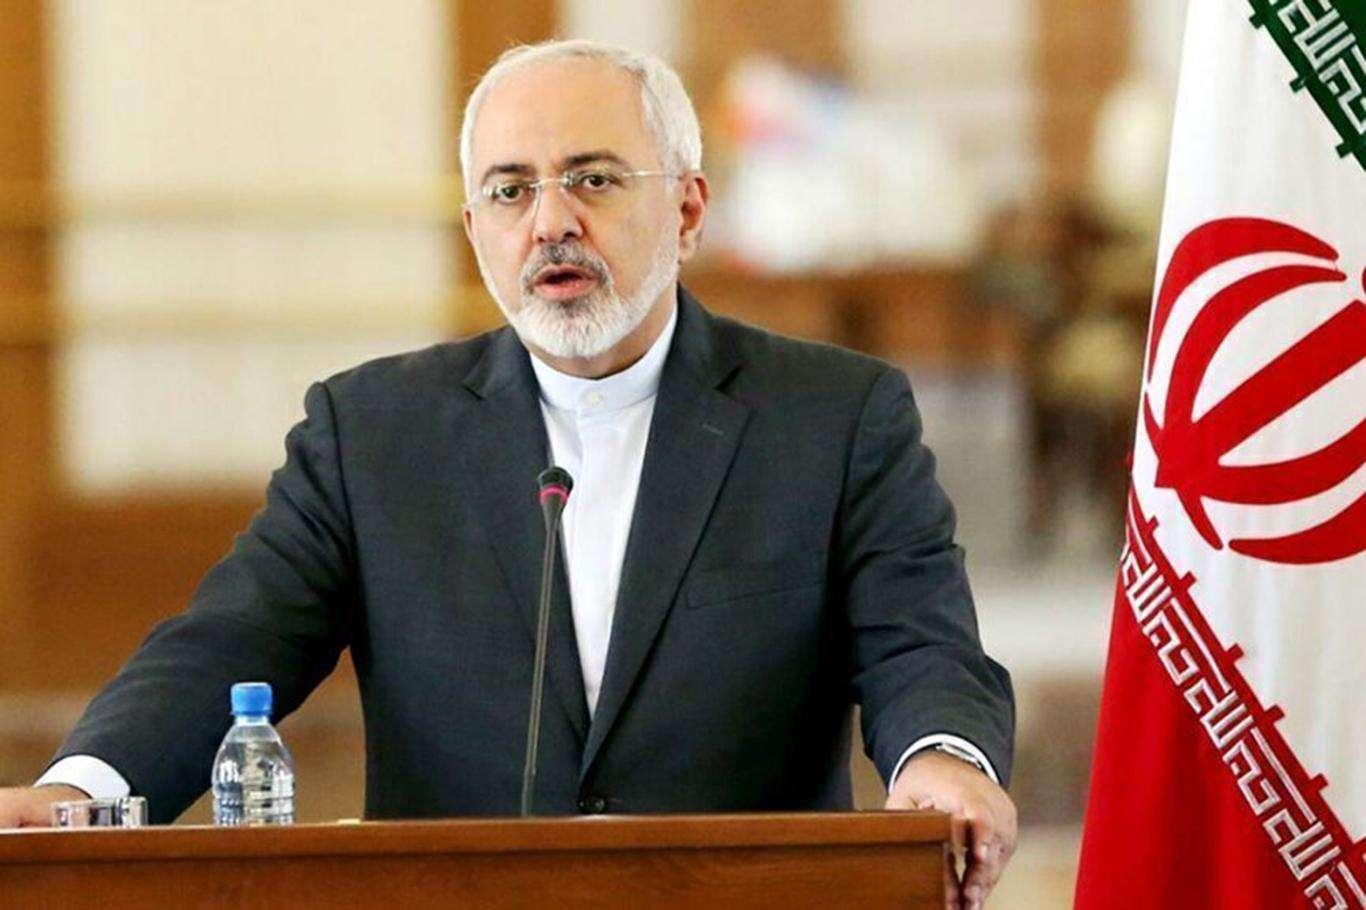 İran Dışişleri Bakanı Görüşme Öncesi Önemli Açıklamada Bulundu